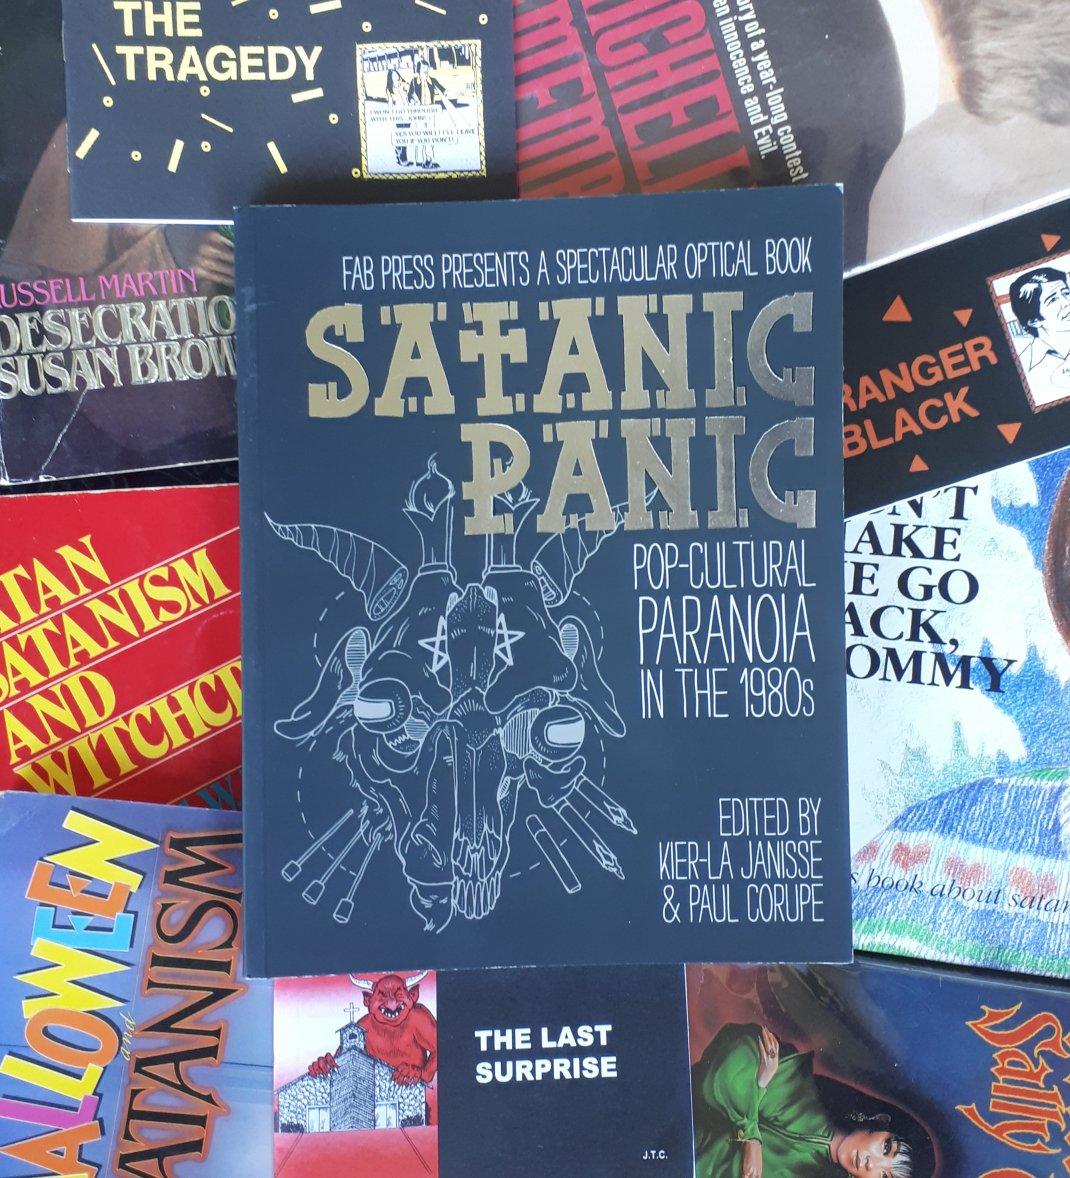 satanic panic pop-cultural paranoiain the 1980s.jpg